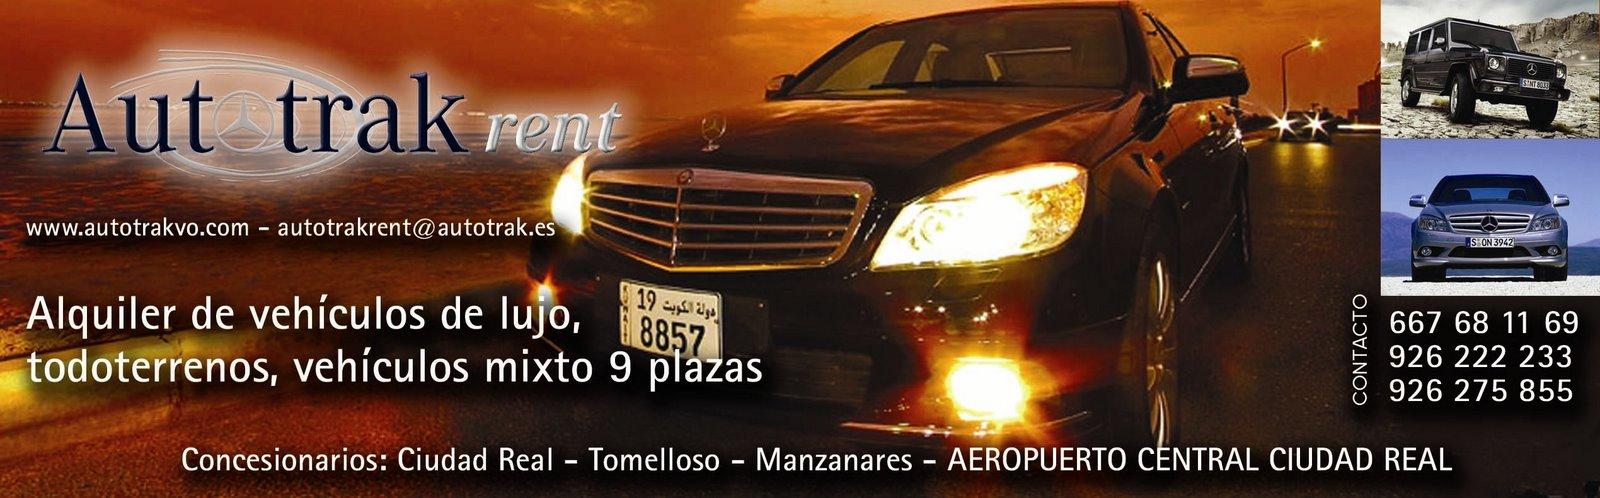 Weblog Autotrak rent  Alquiler de Coches,Vehiculos Lujo,4x4 Ciudad Real y Aeropuerto